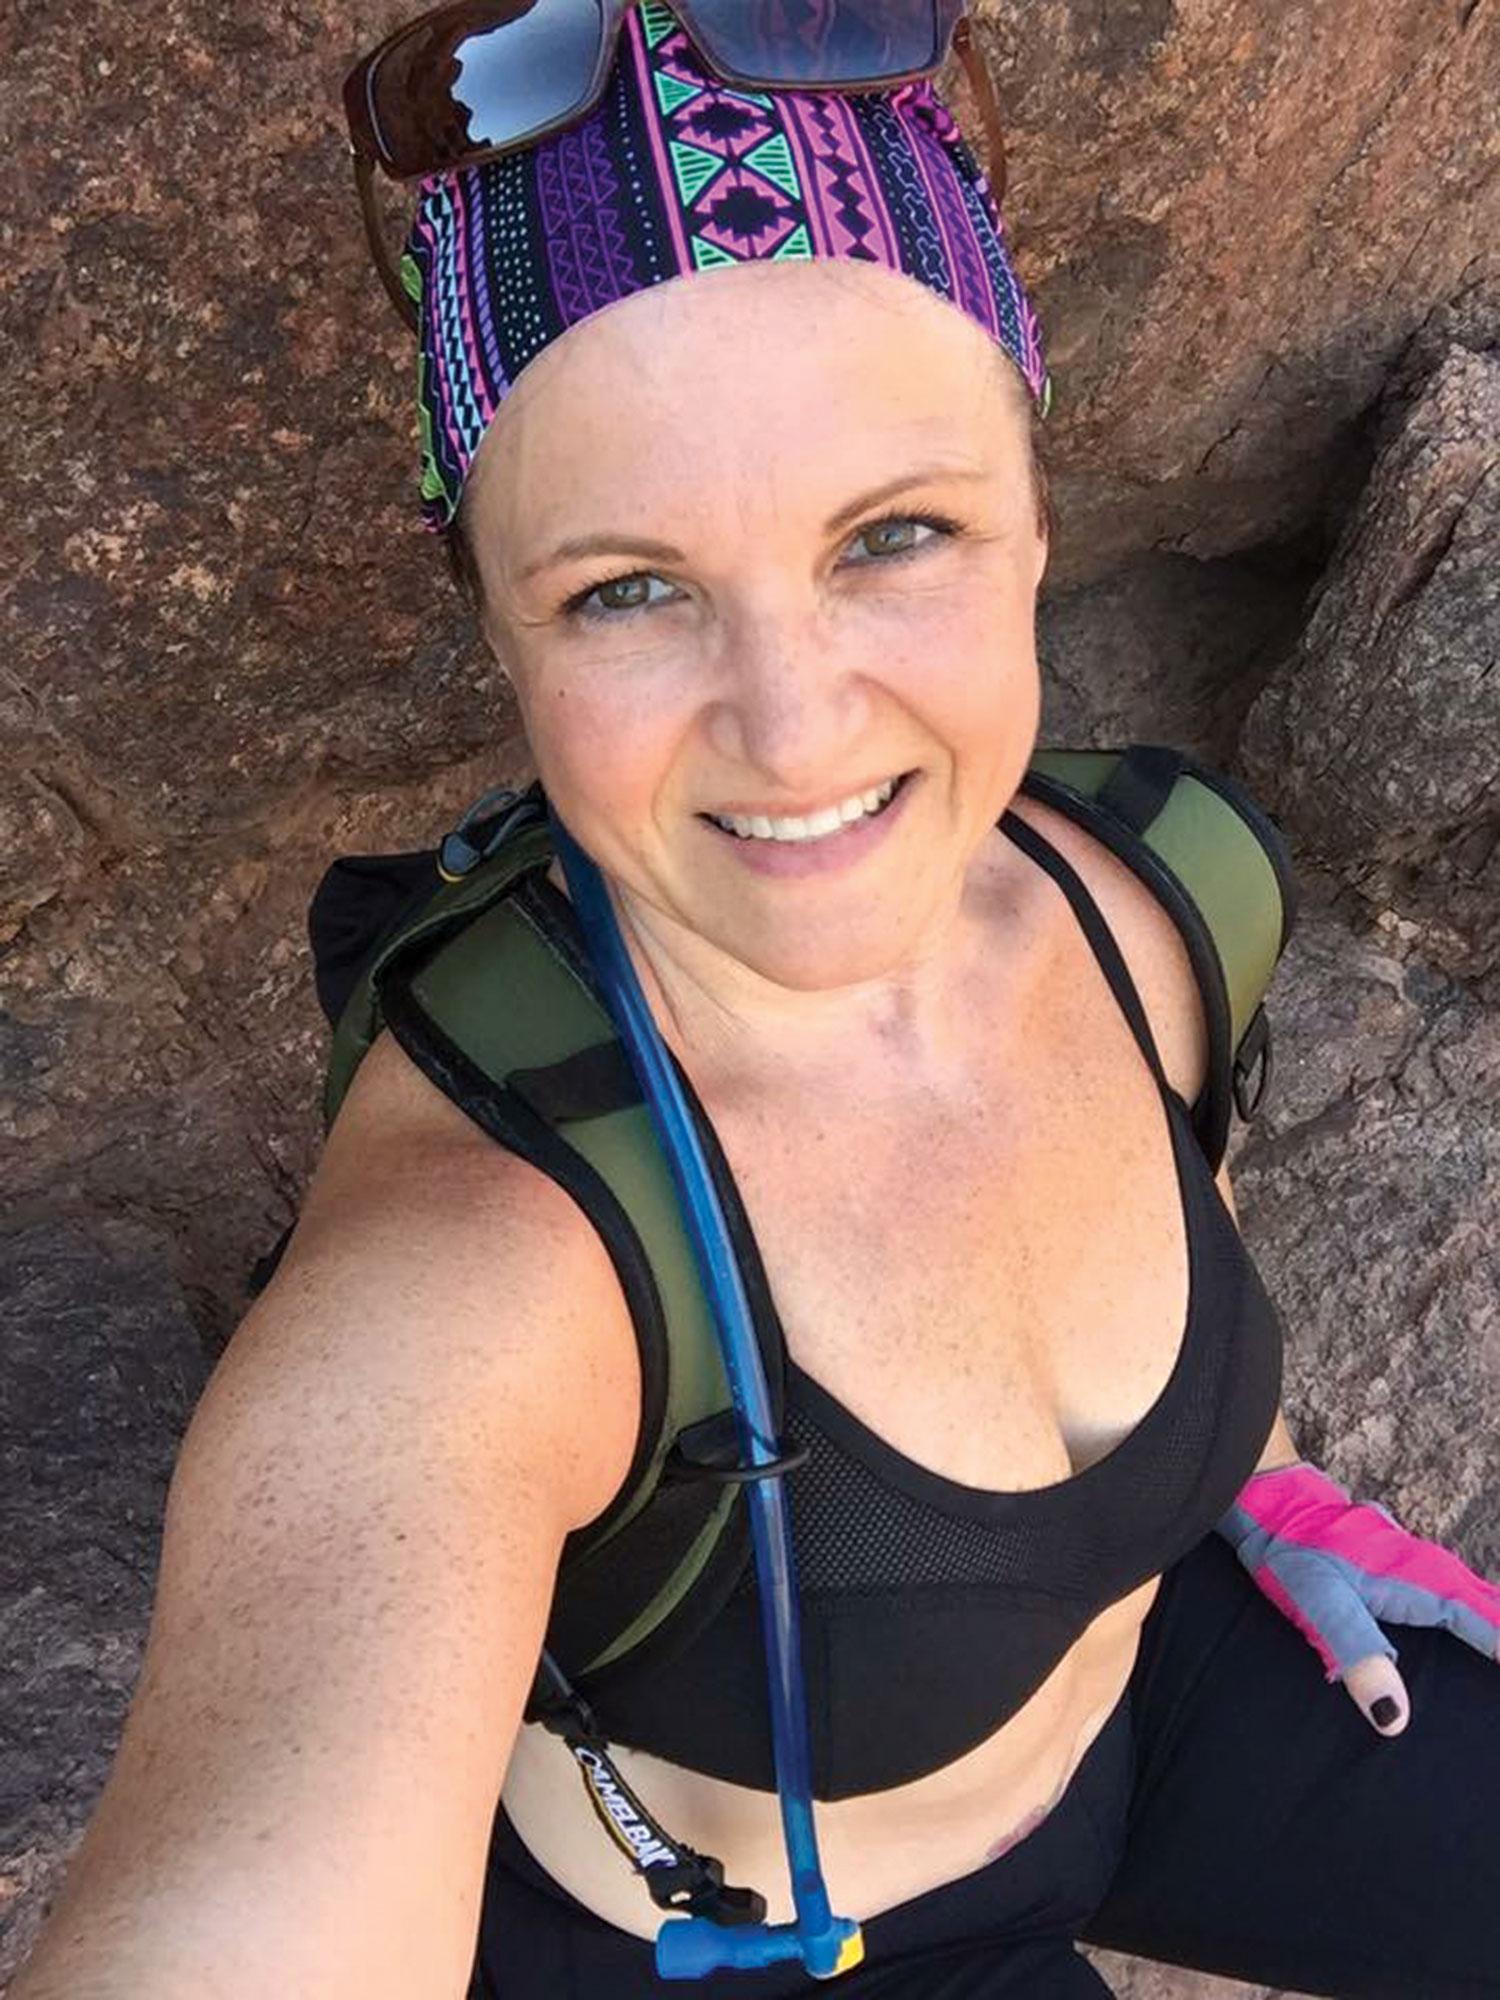 mid-hike selfie